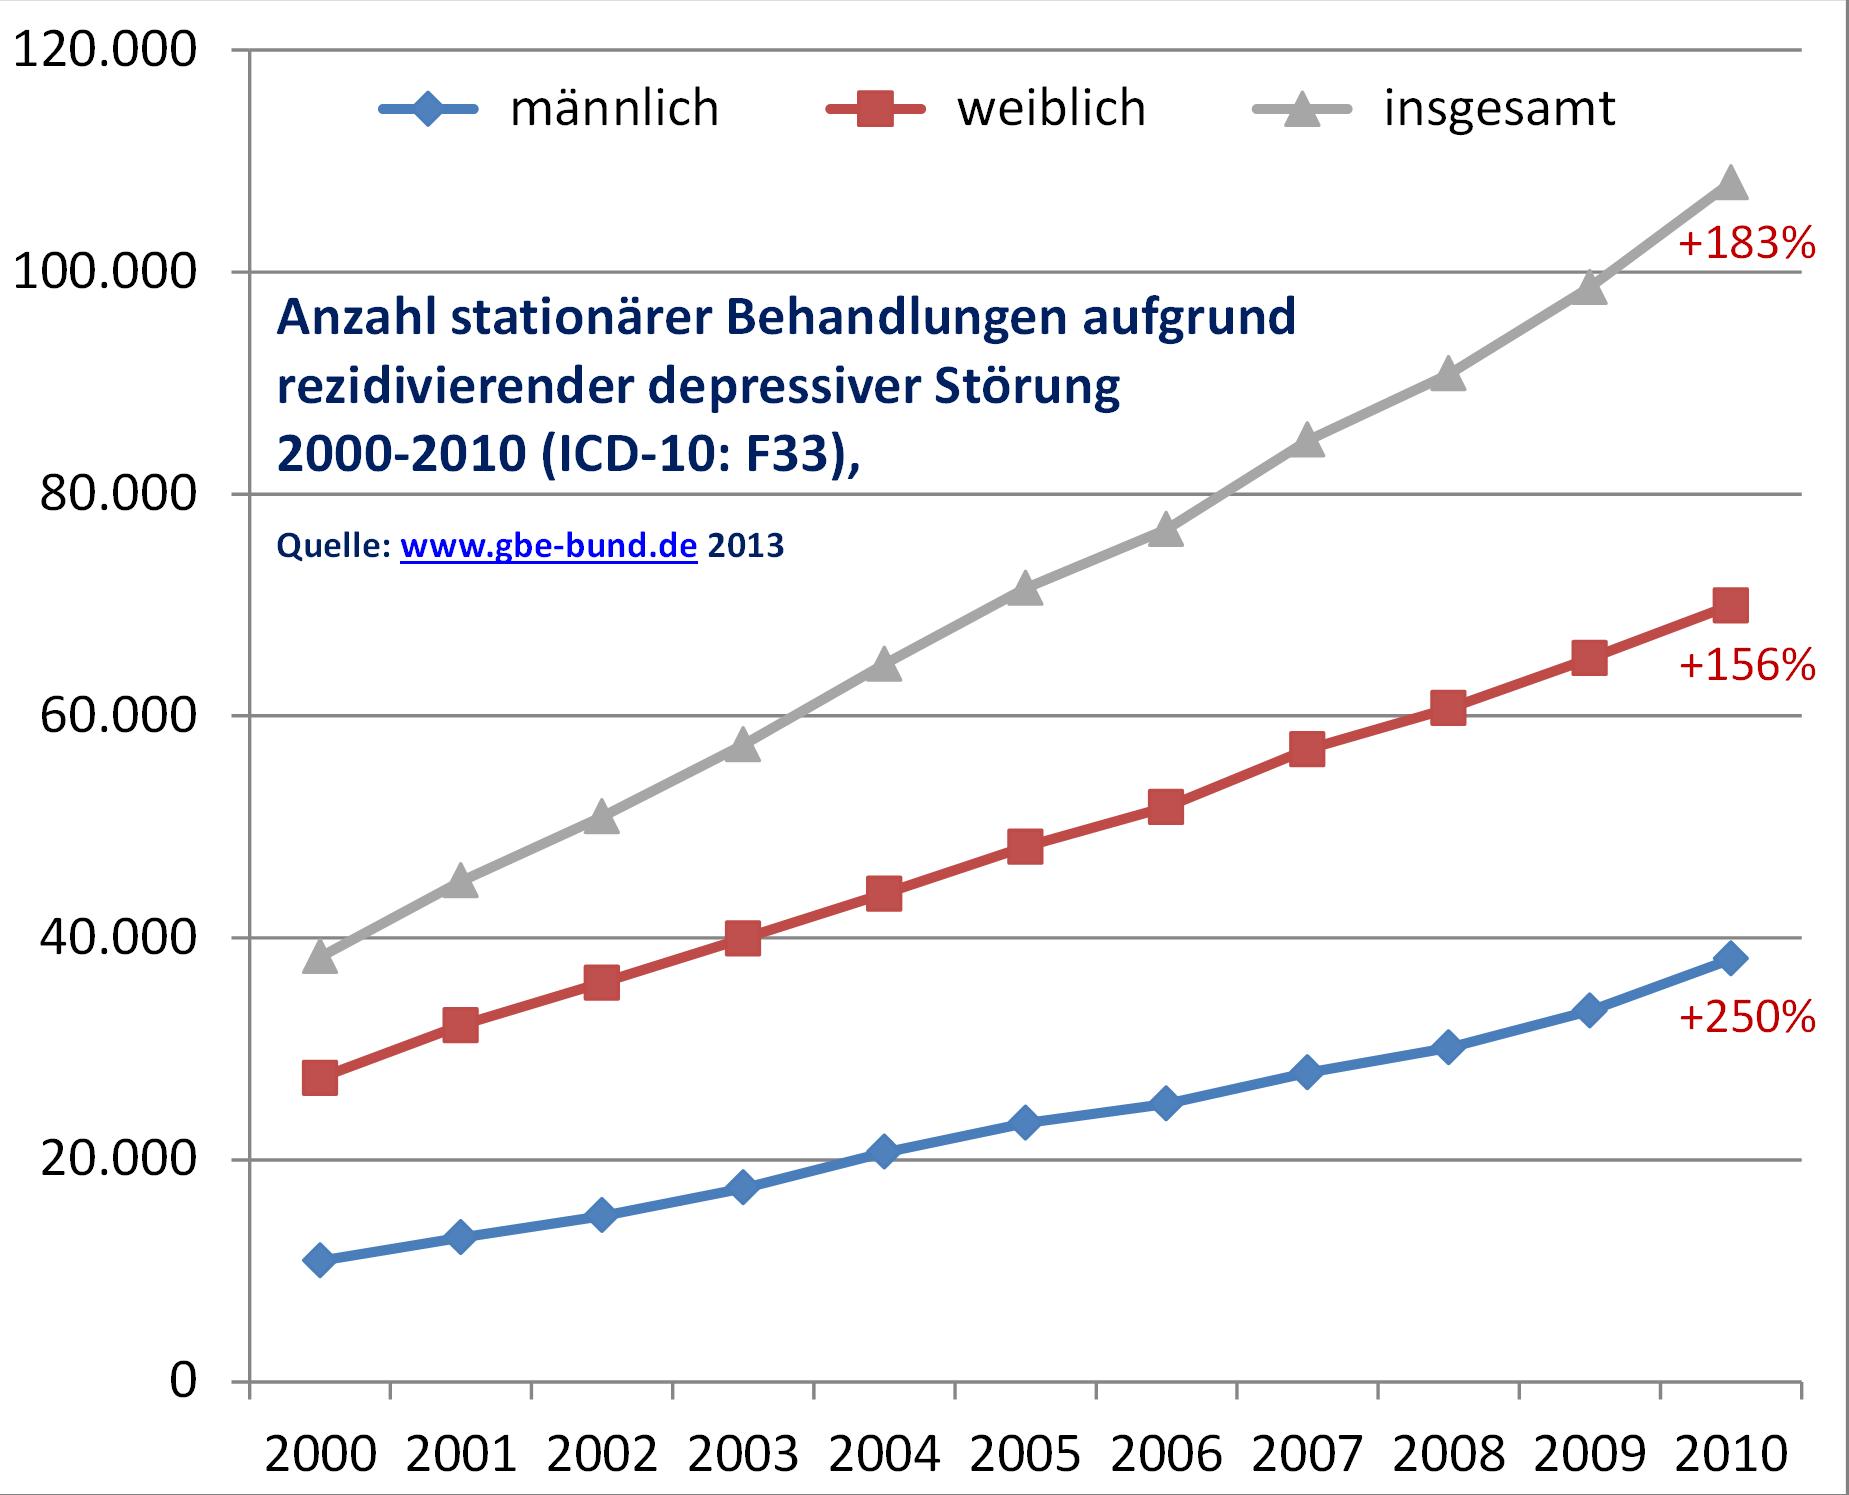 Chartgrafik: Anzahl stationärer Behandlungen an rezidivierender Depression 2000-2010 (Deutschland)